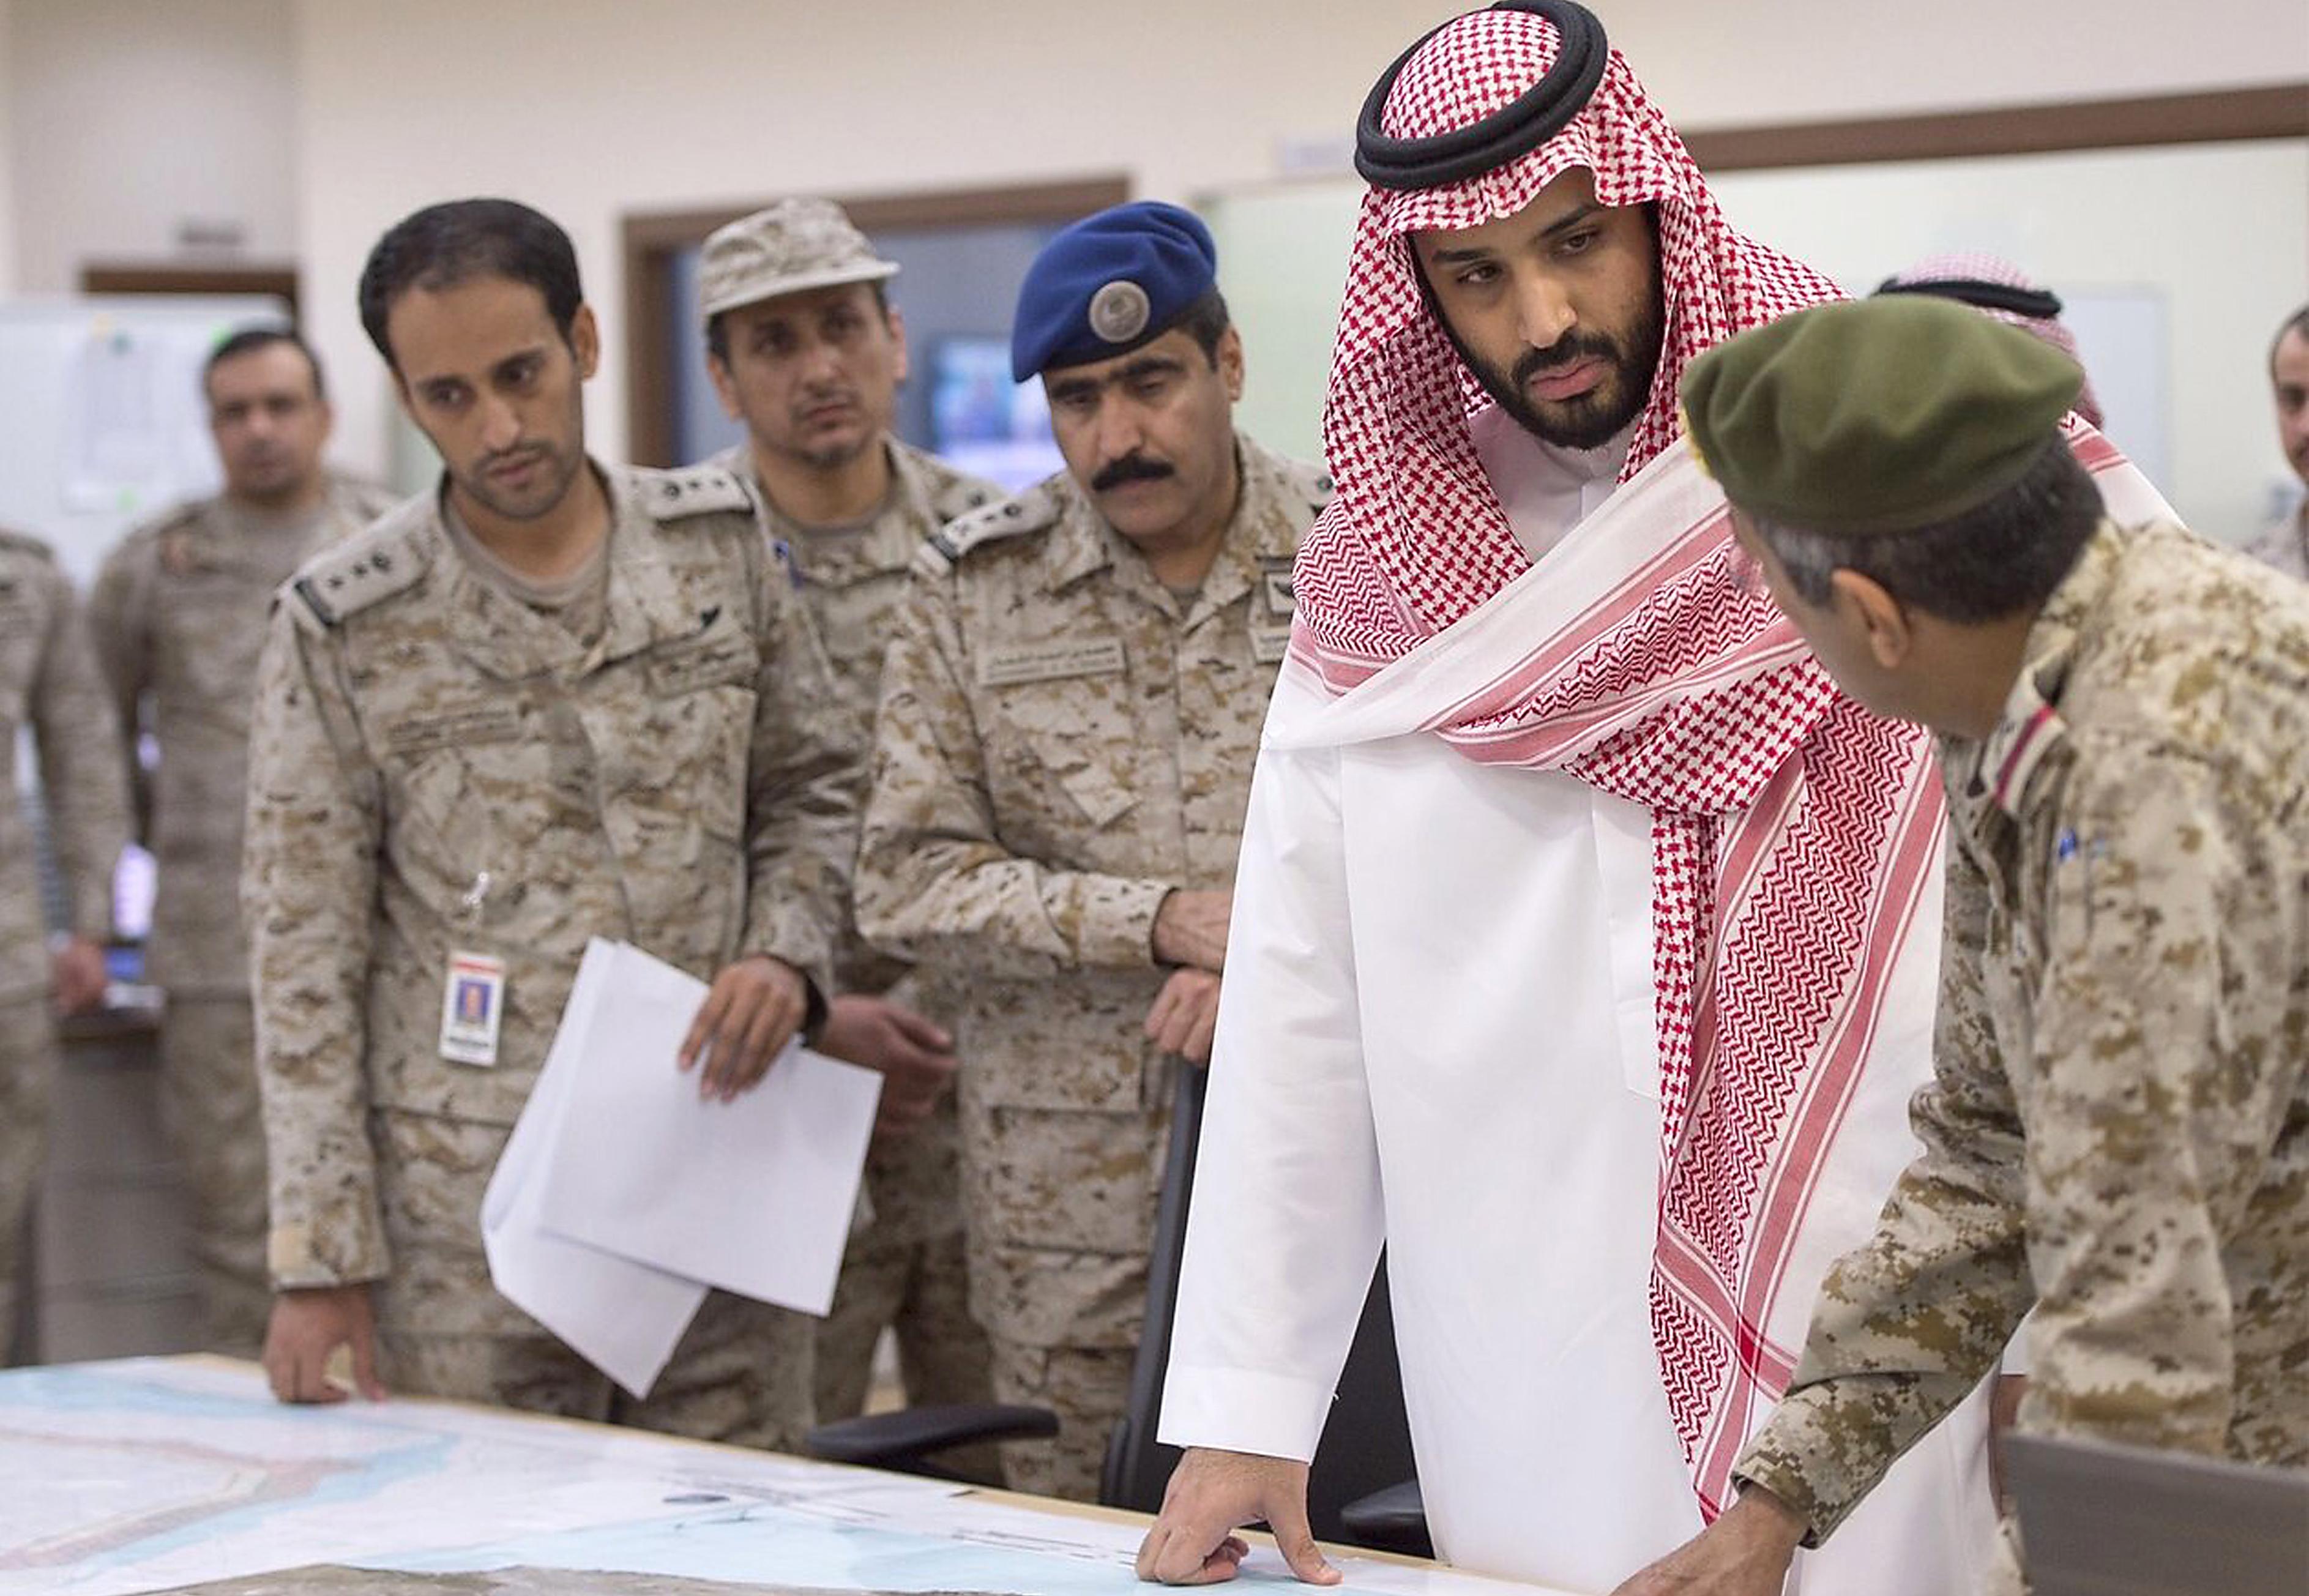 A szaúdi koronaherceg közvetlen katonai agresszióval vádolja Iránt